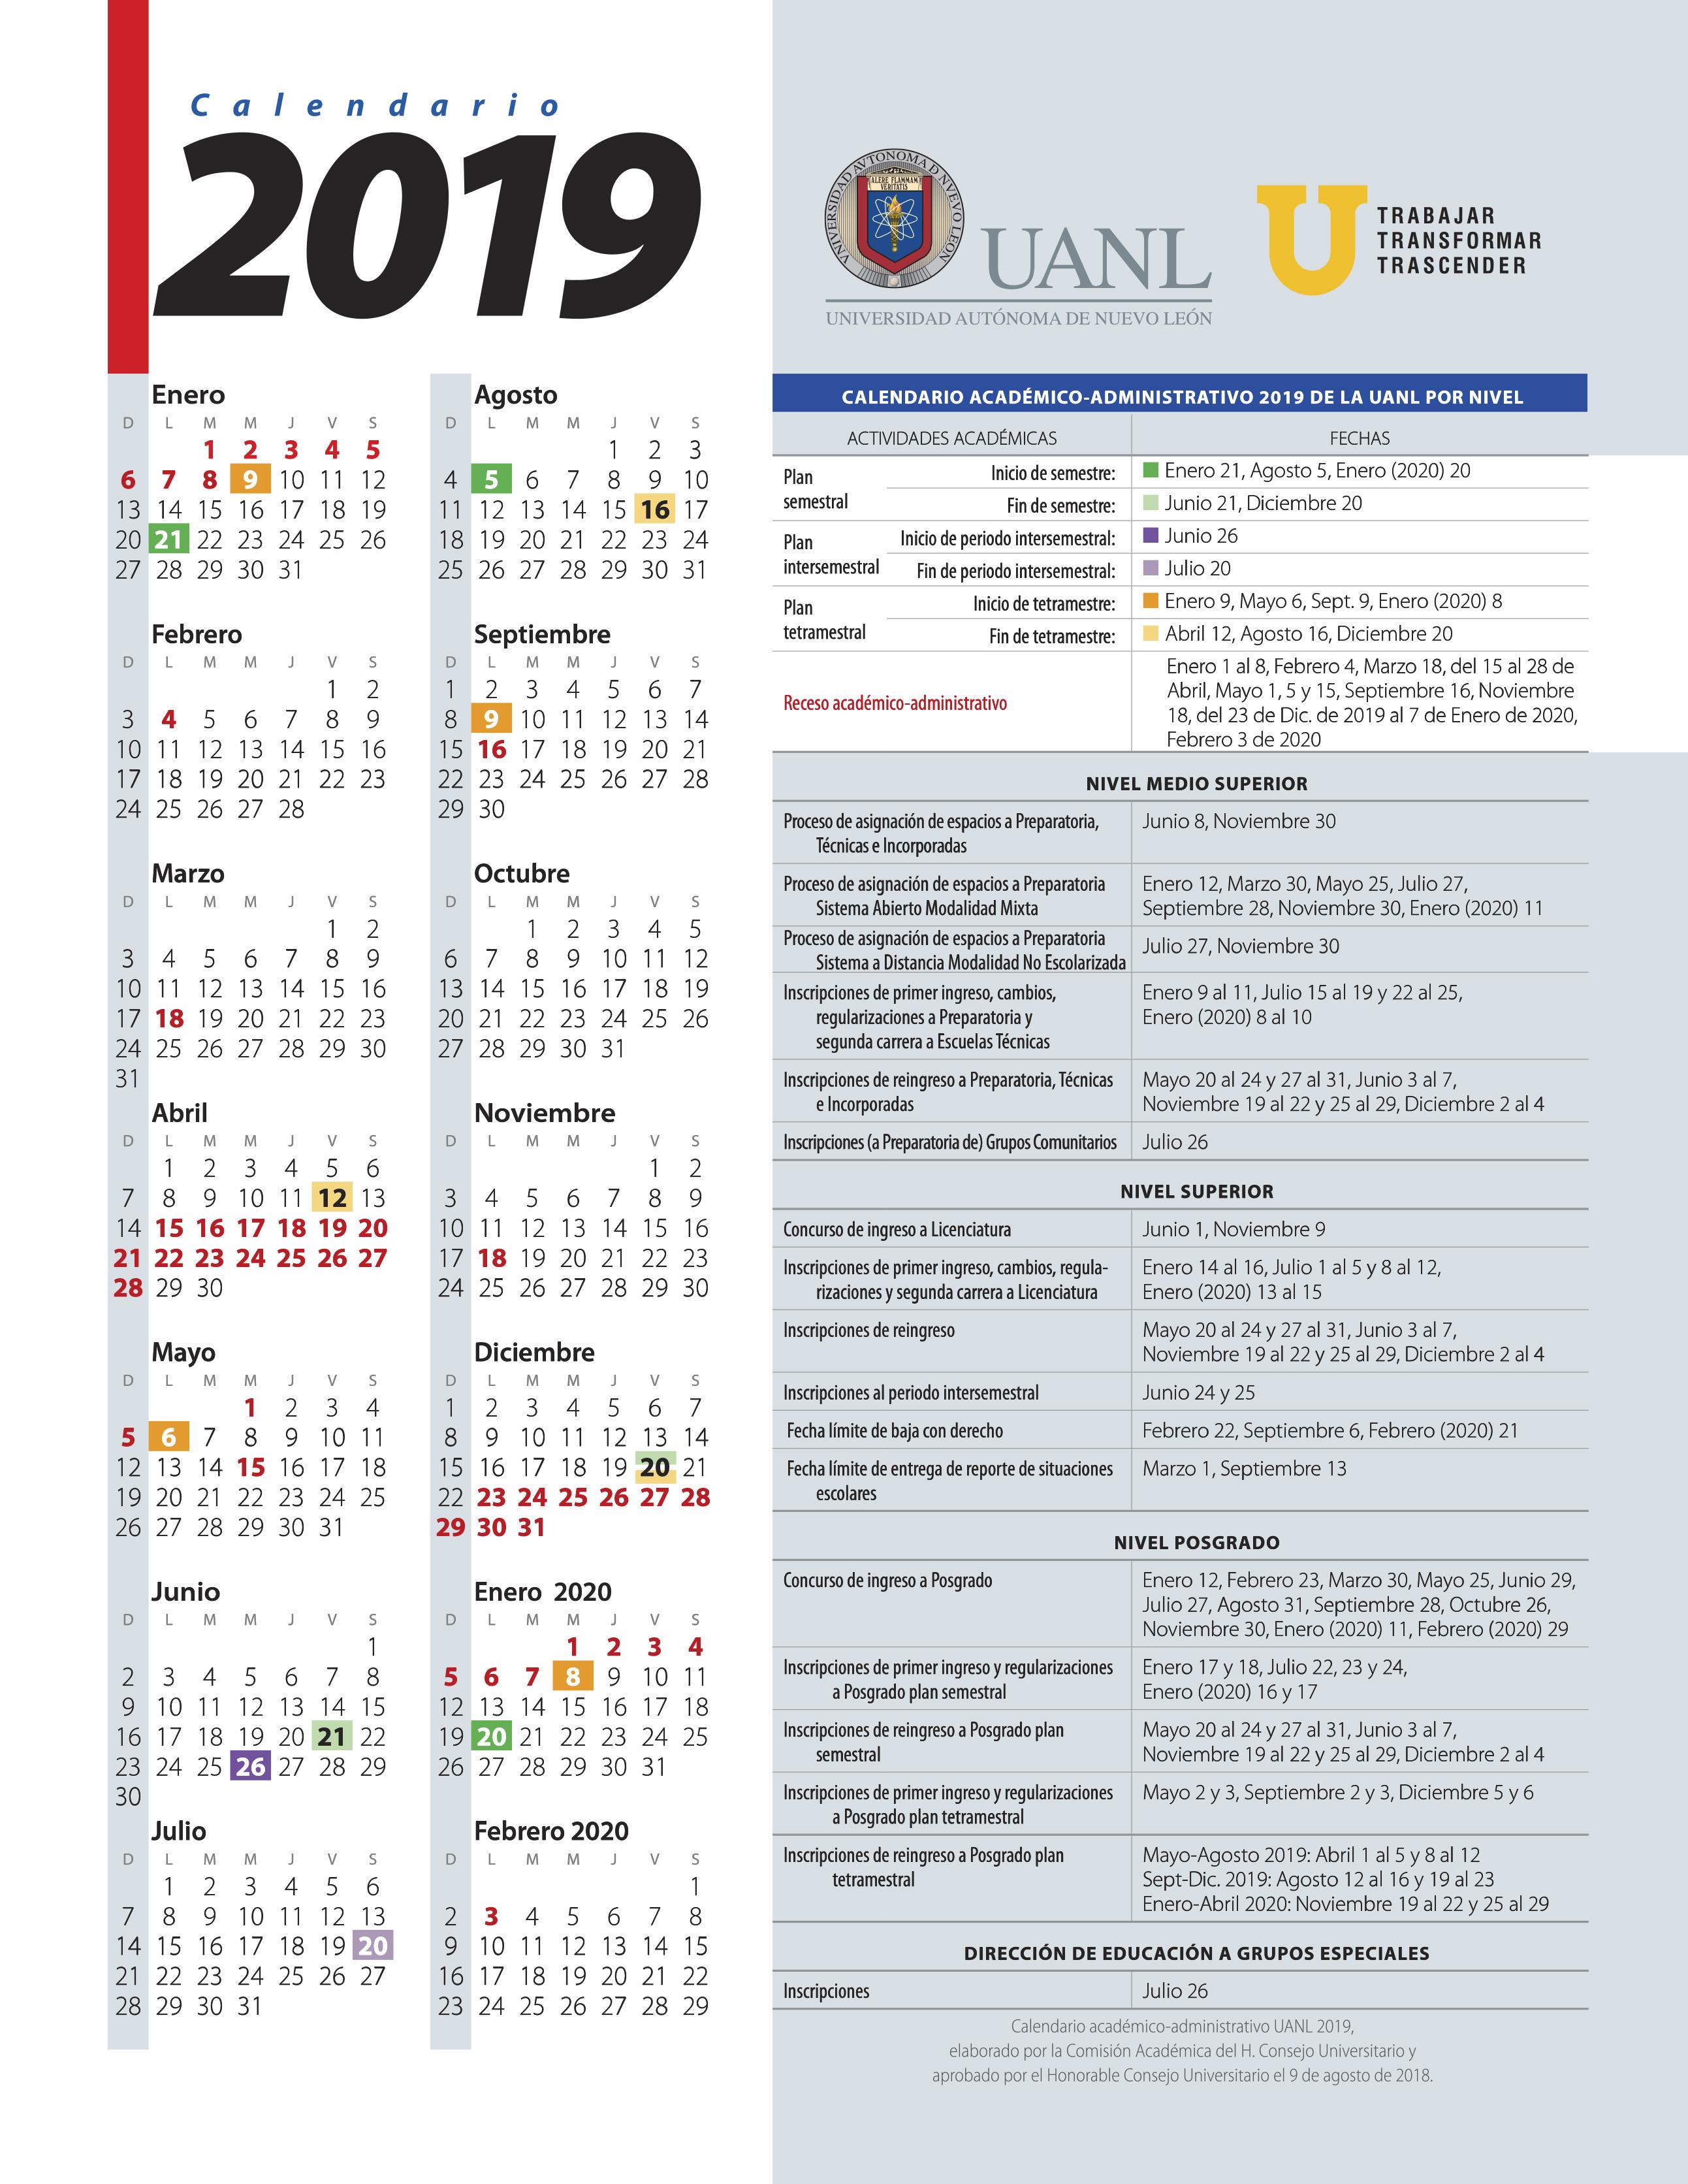 Calendario De Agosto 2020.Calendario Uanl 2019